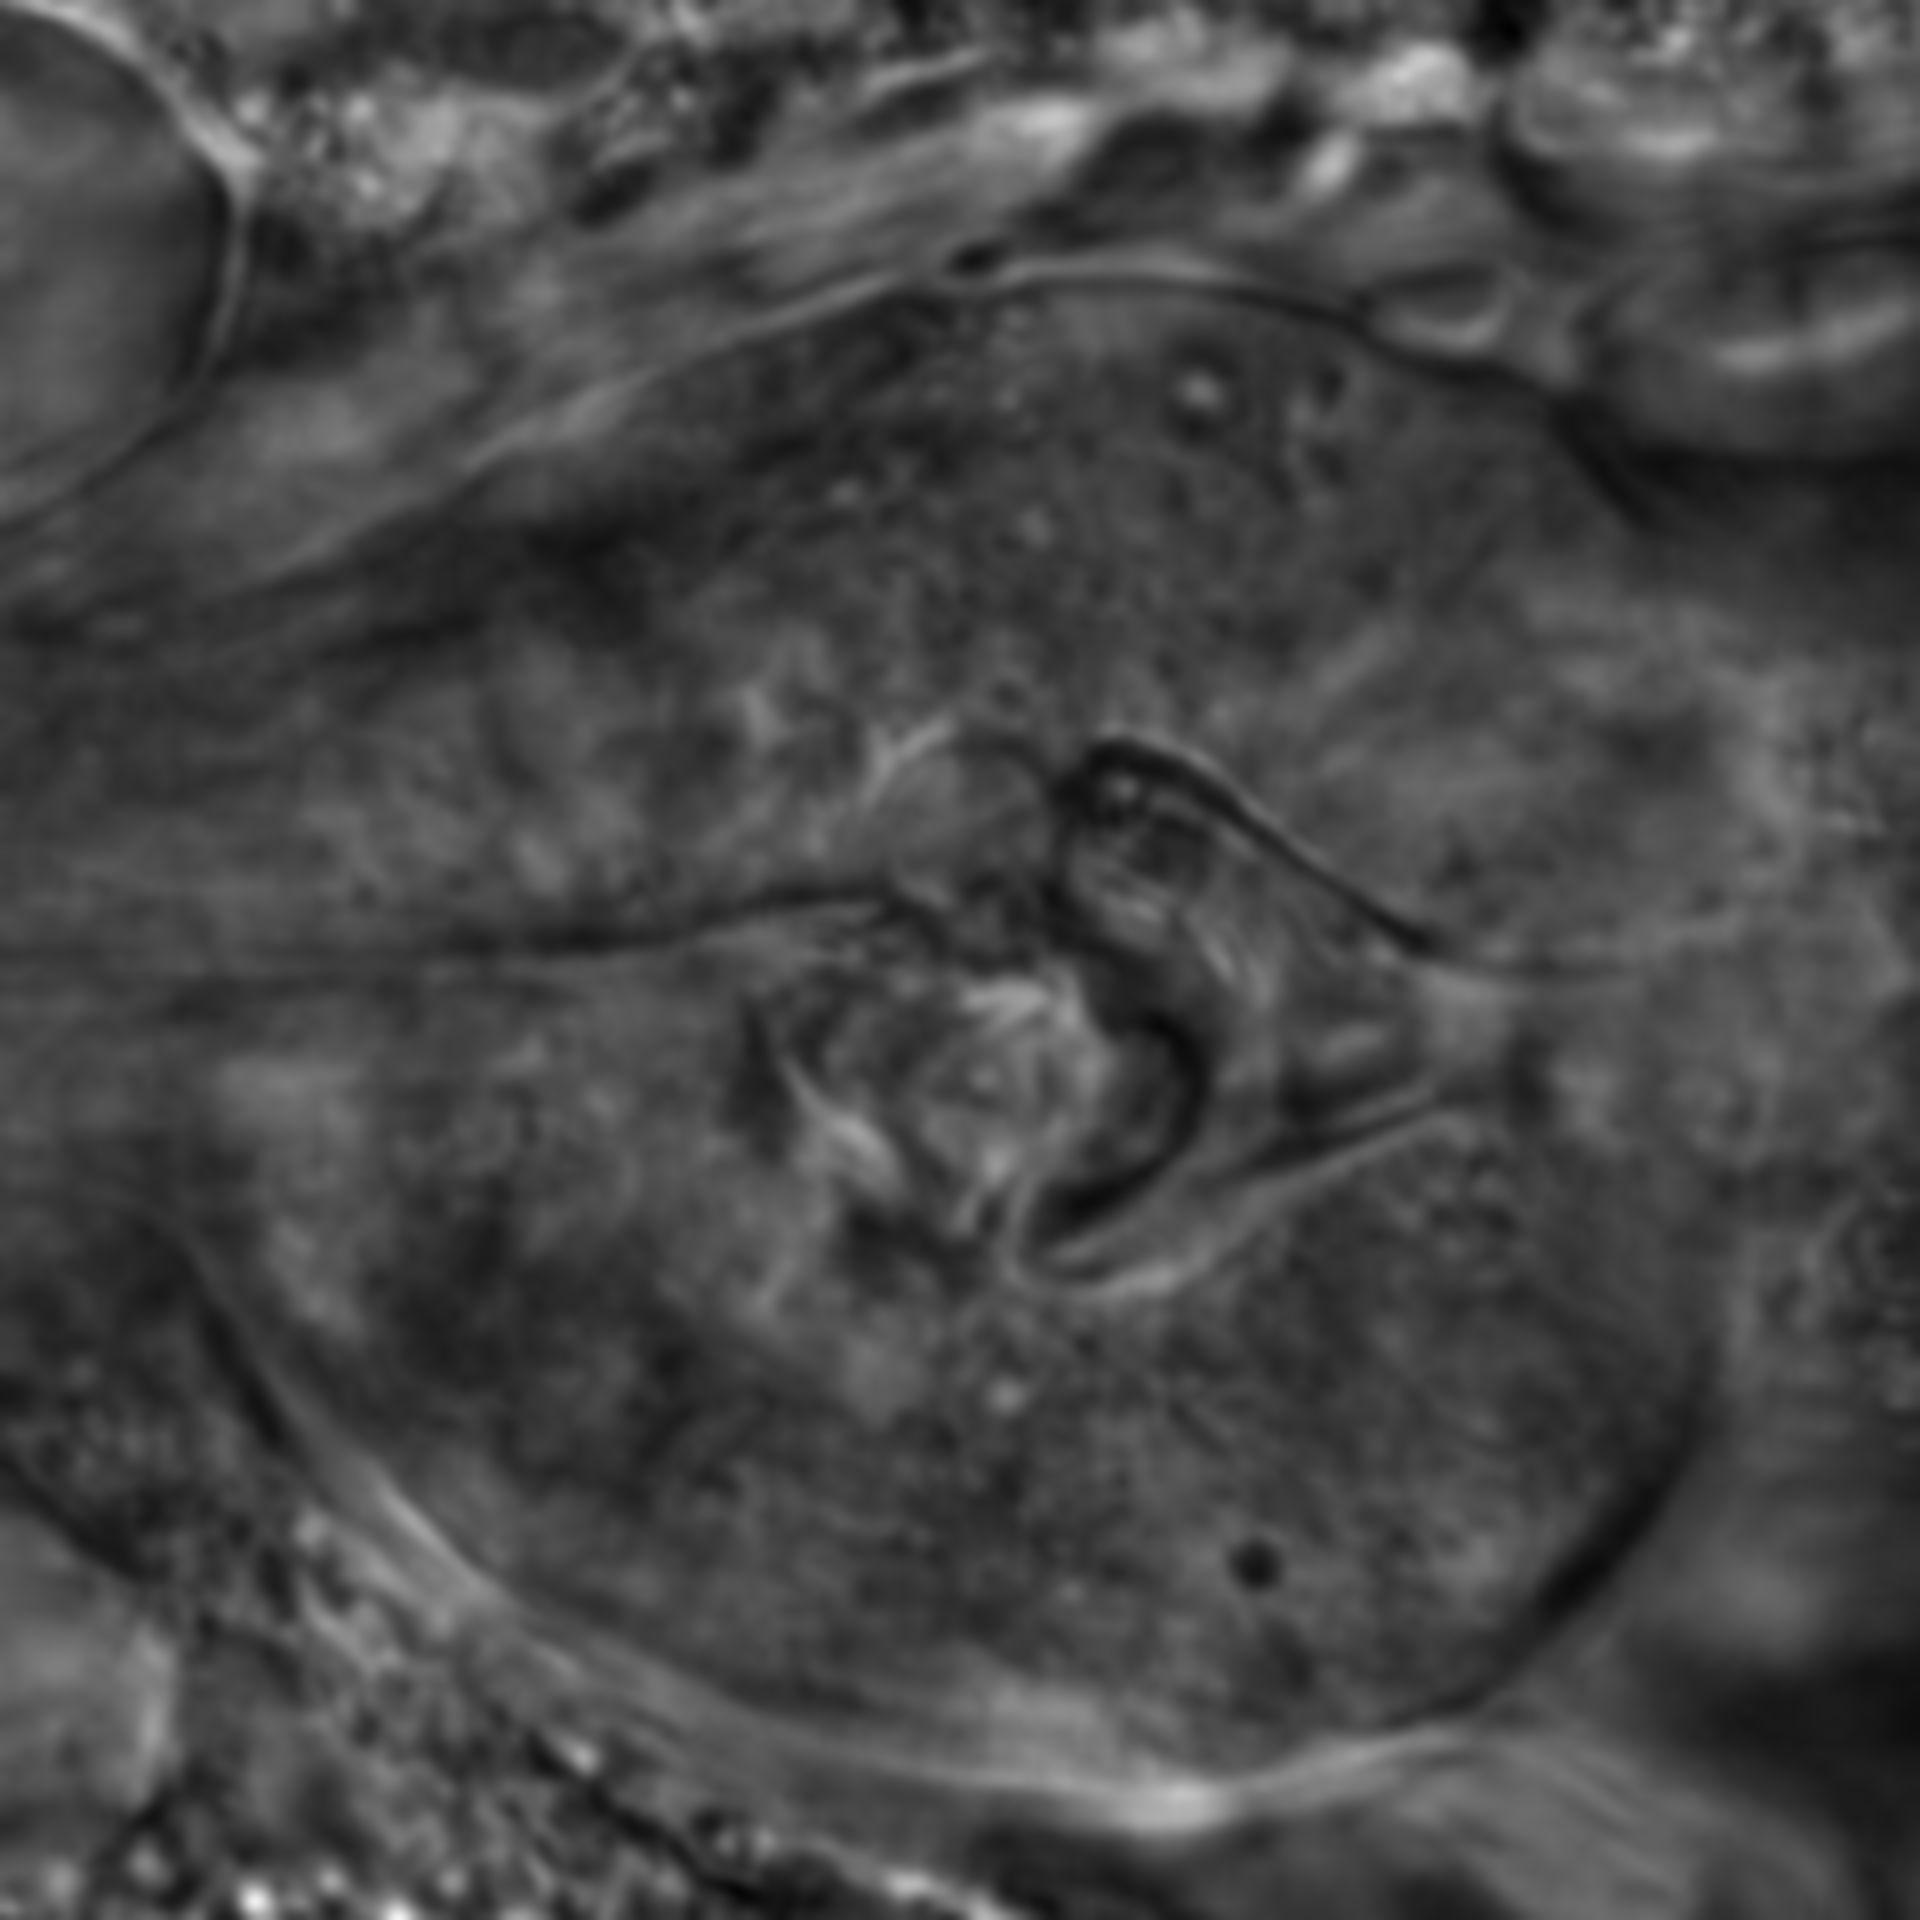 Caenorhabditis elegans - CIL:2695